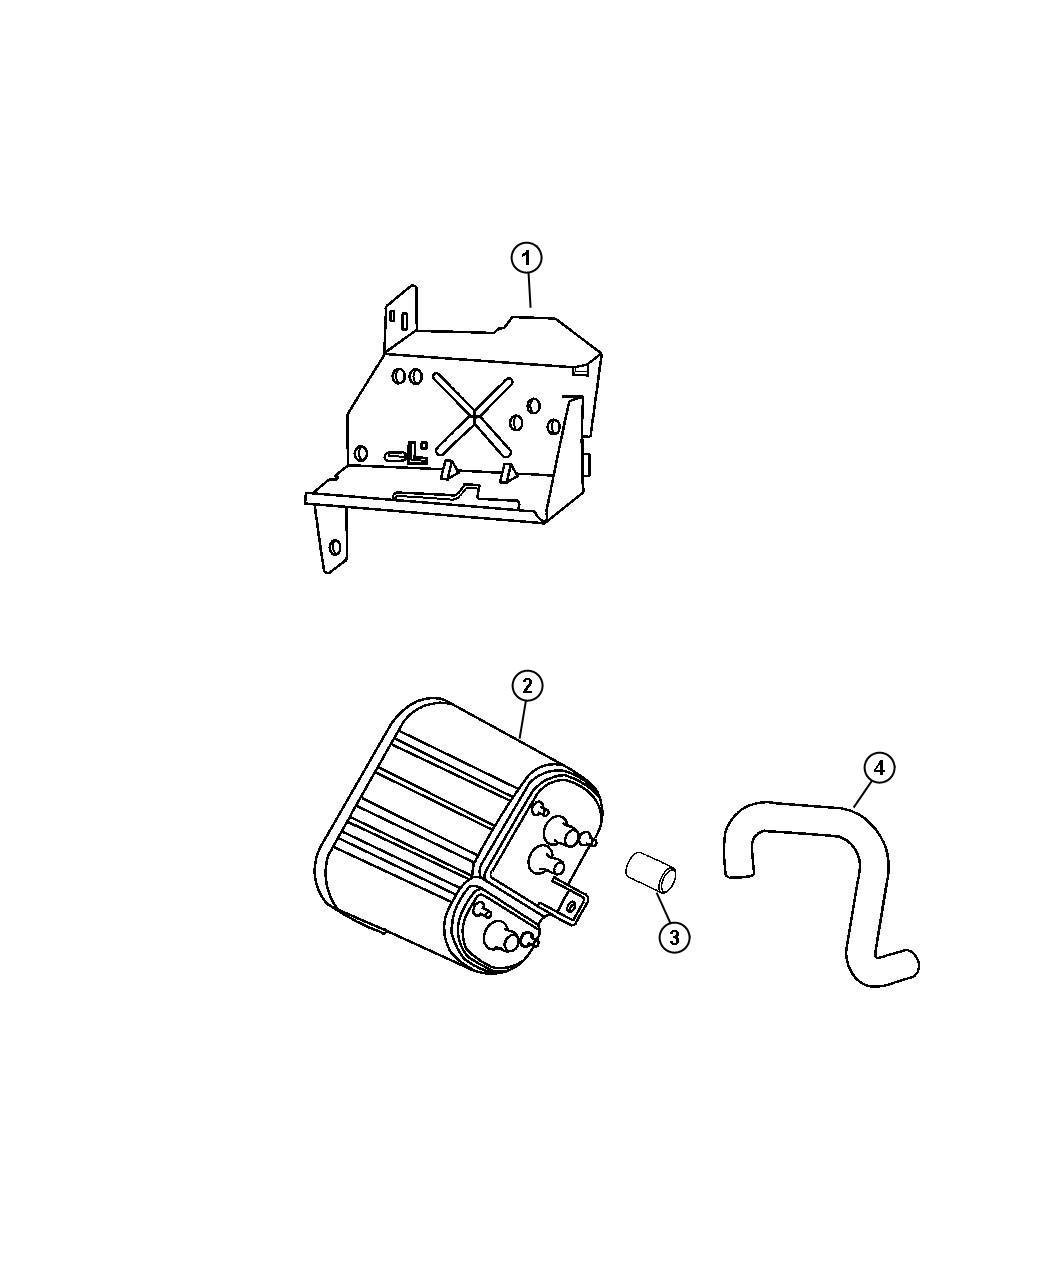 Jeep Wrangler Canister Vapor Emissions